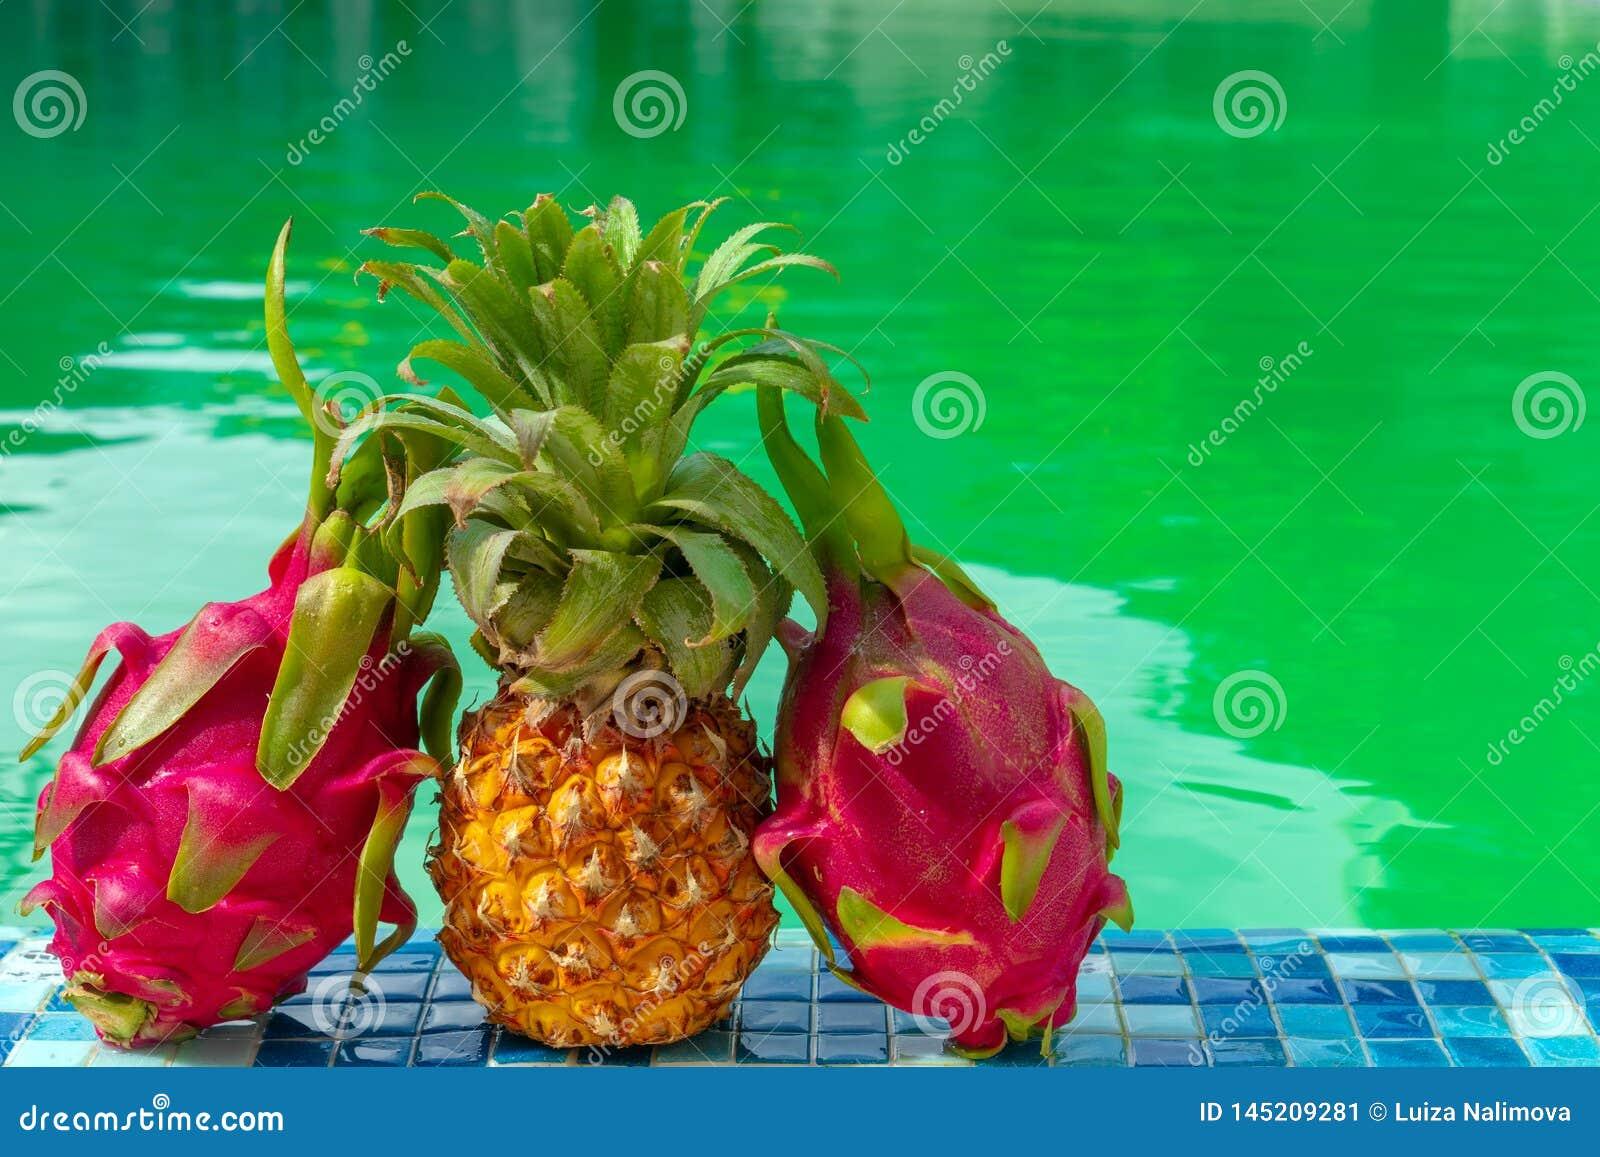 Egzotyczna owoc przeciw tłu basen na słonecznym dniu